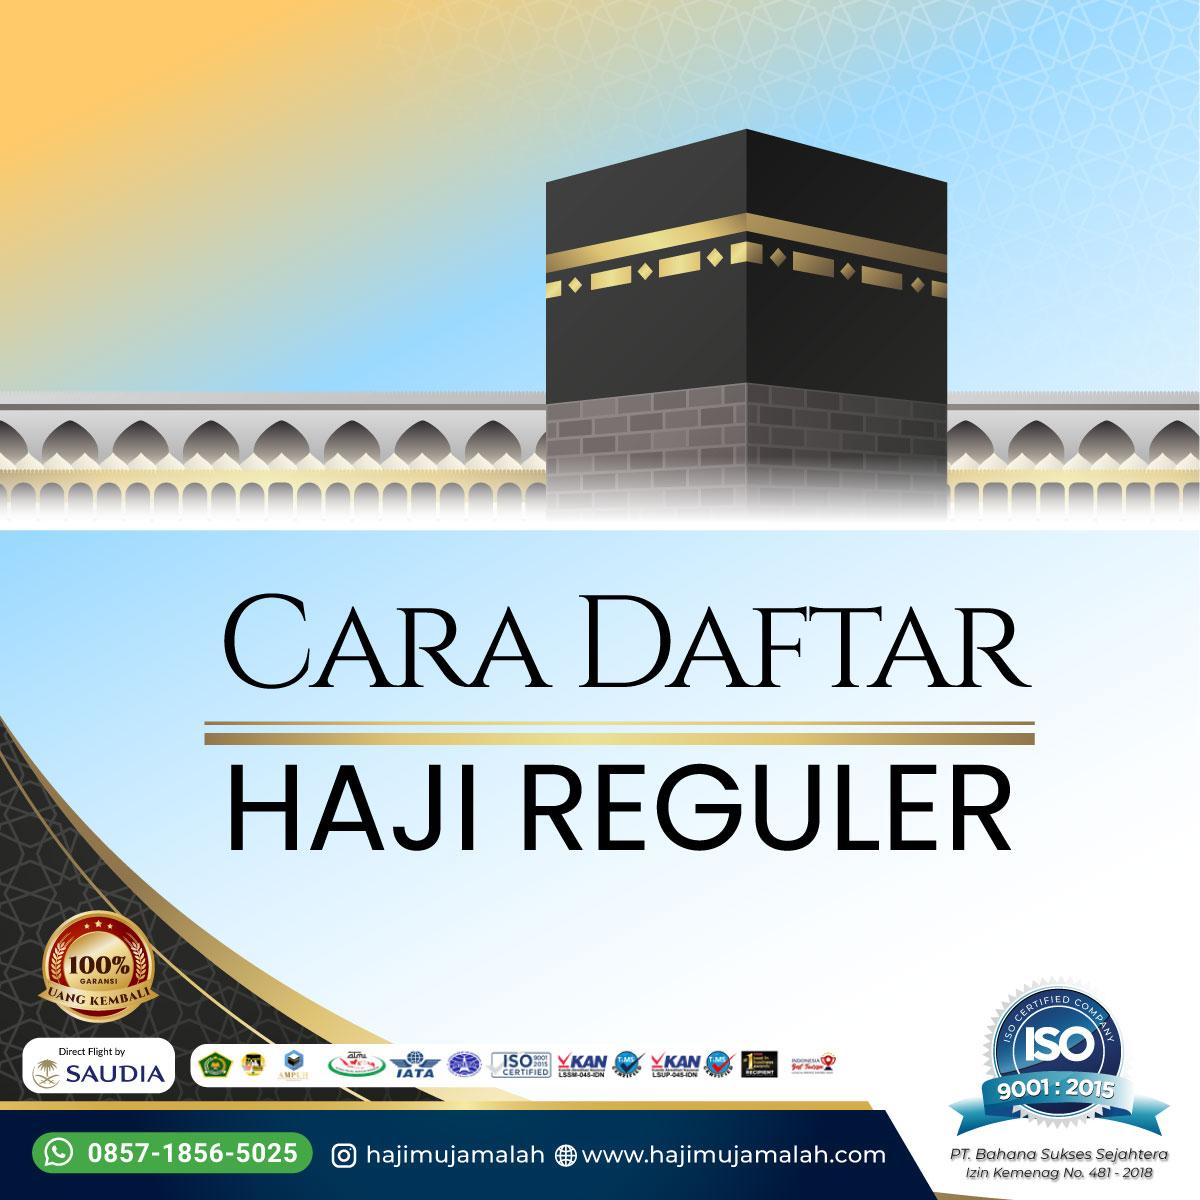 Cara Mendaftar Haji Reguler Lengkap dengan Persyaratannya